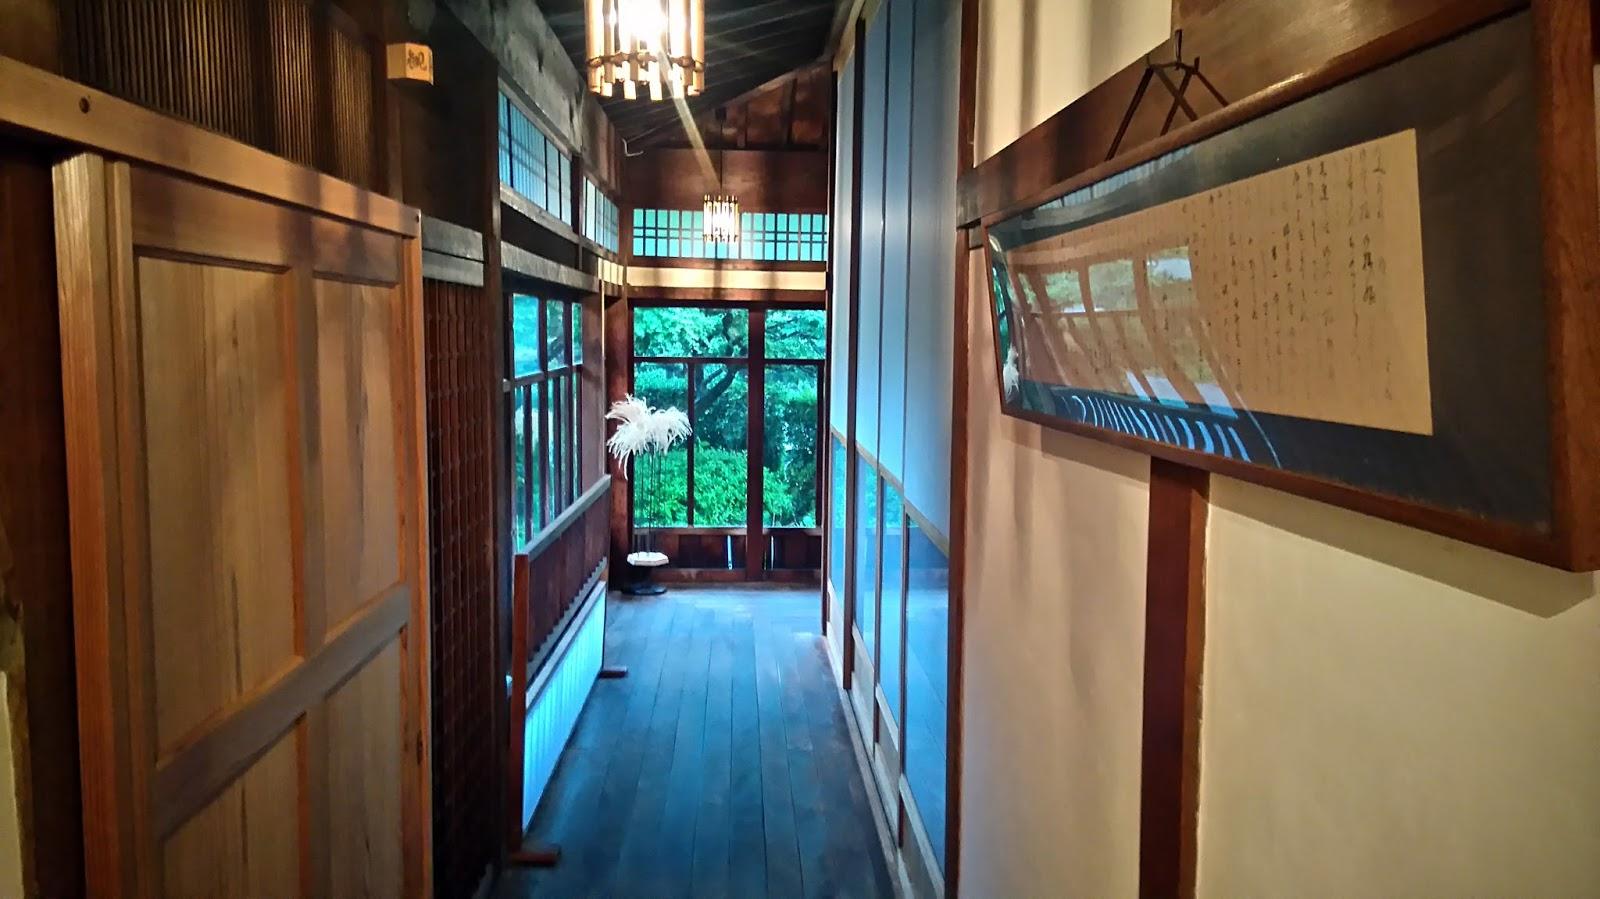 Bel itineraire: Ryokan et chambres traditionnelles japonaises